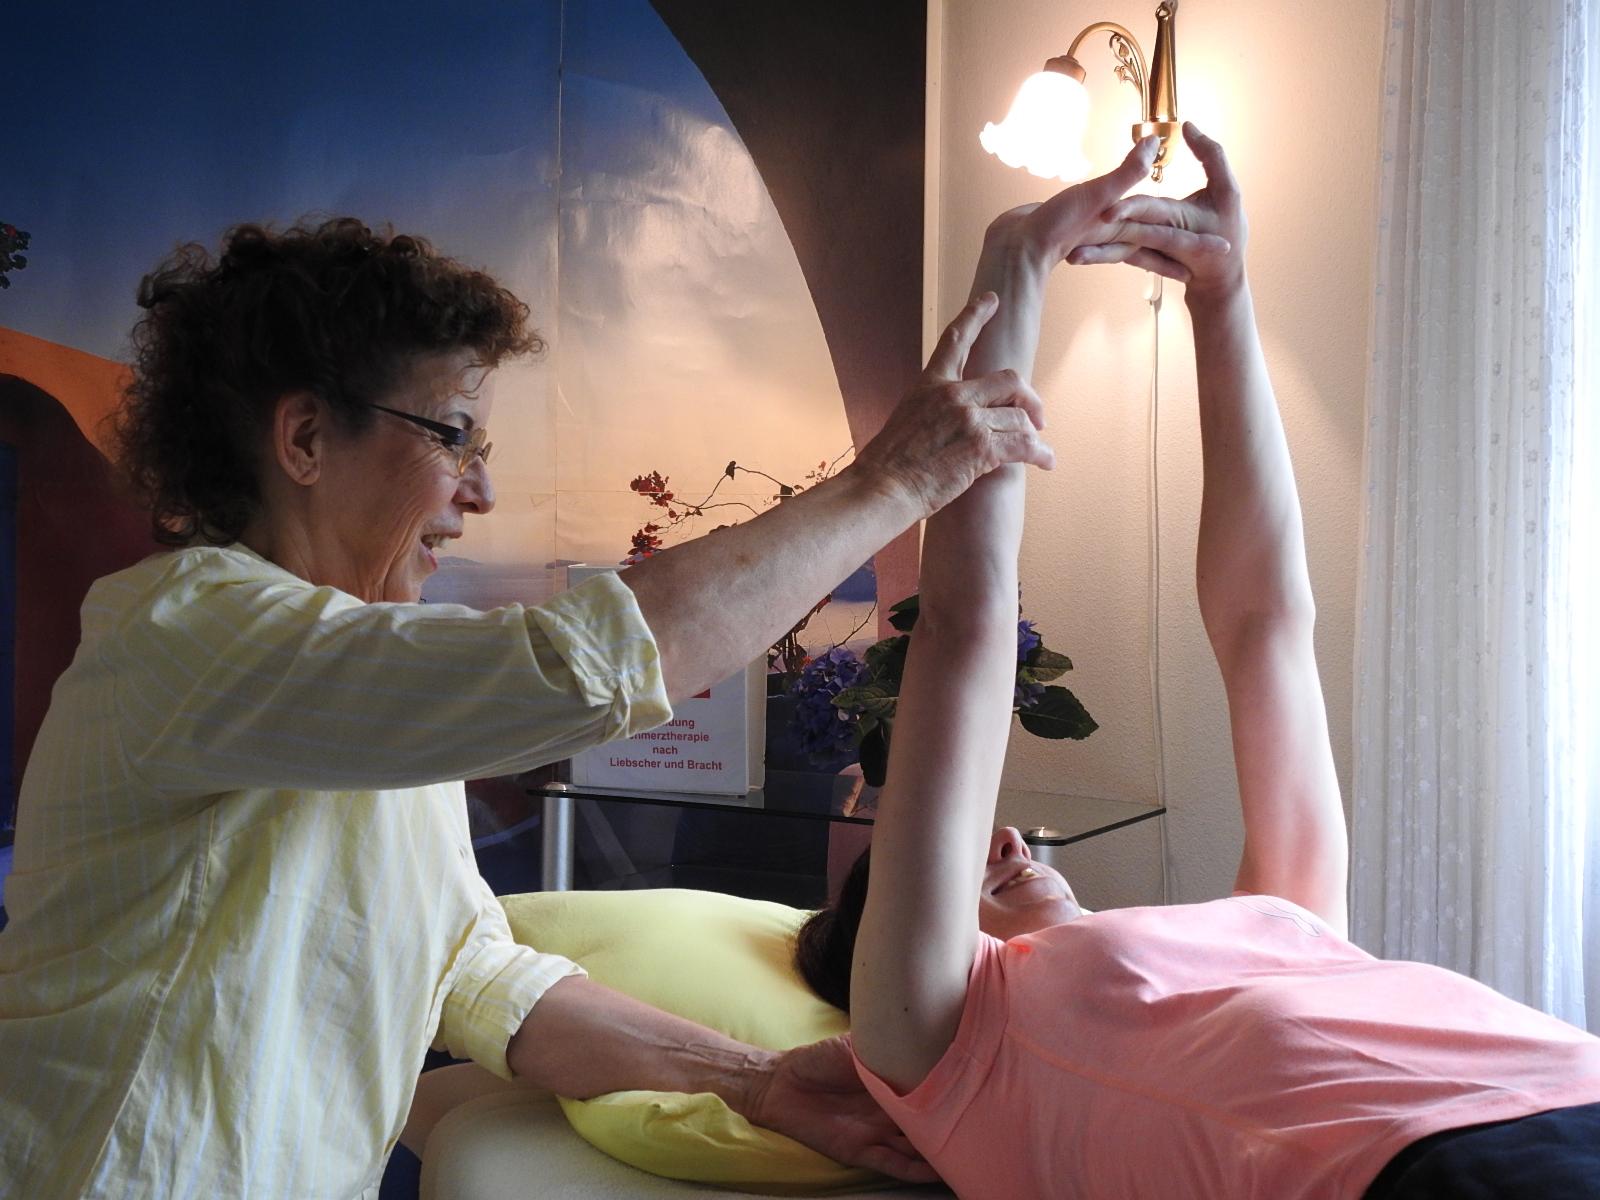 Hier eine Dehnübung nach Liebscher und Bracht. Sie spricht sowohl Muskeln und Sehnen als auch die Faszien an.